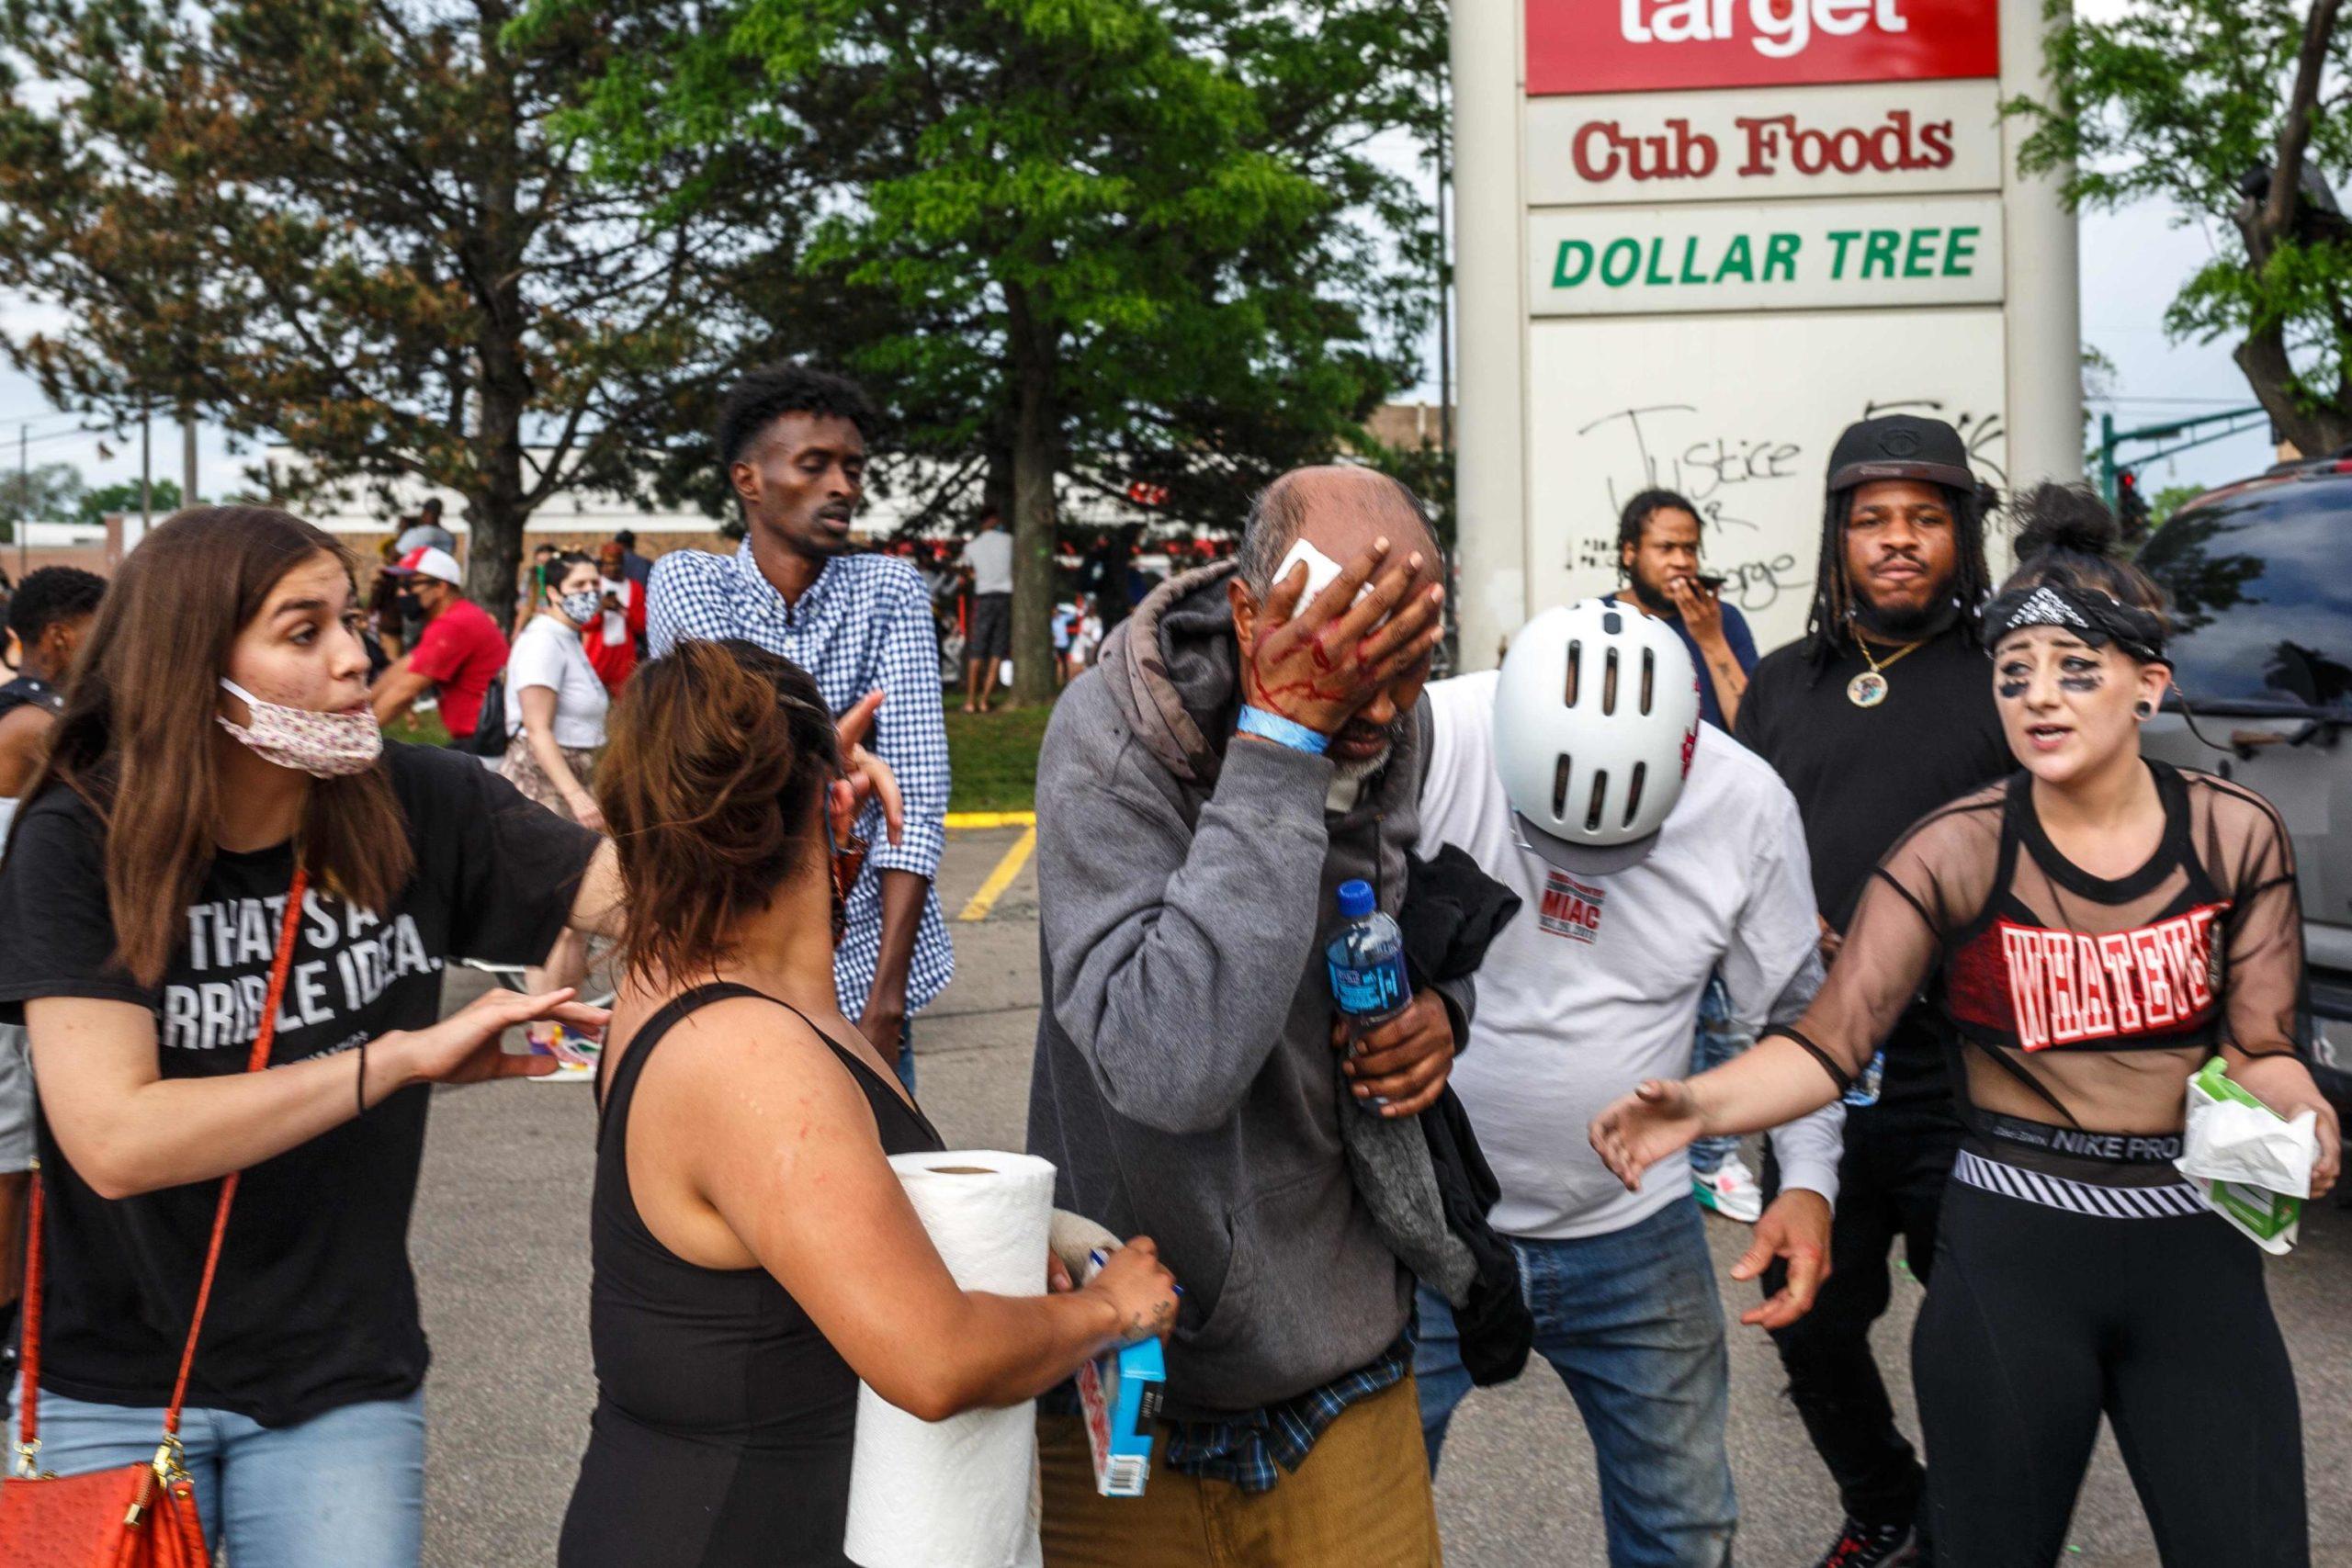 Durante la protesta contro la polizia diverse persone sono rimaste ferite